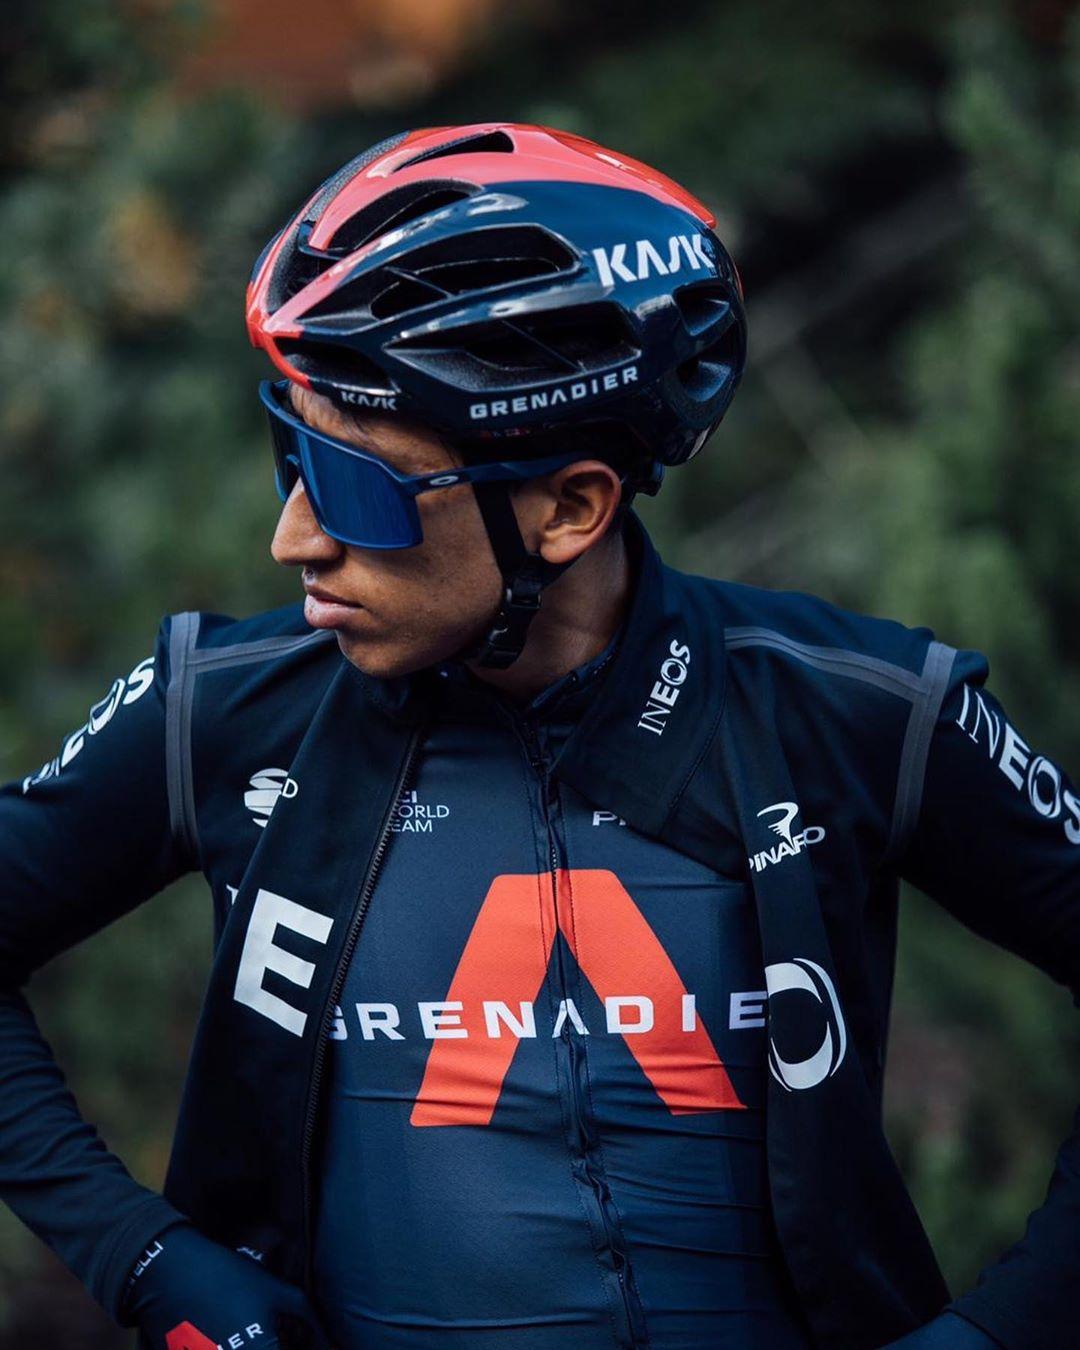 Egan Bernal ukázal v Pyrenejích sílu. Ovšem v klíčových fázích dalších etap si zřejmě bude muset poradit sám. Foto: instagram